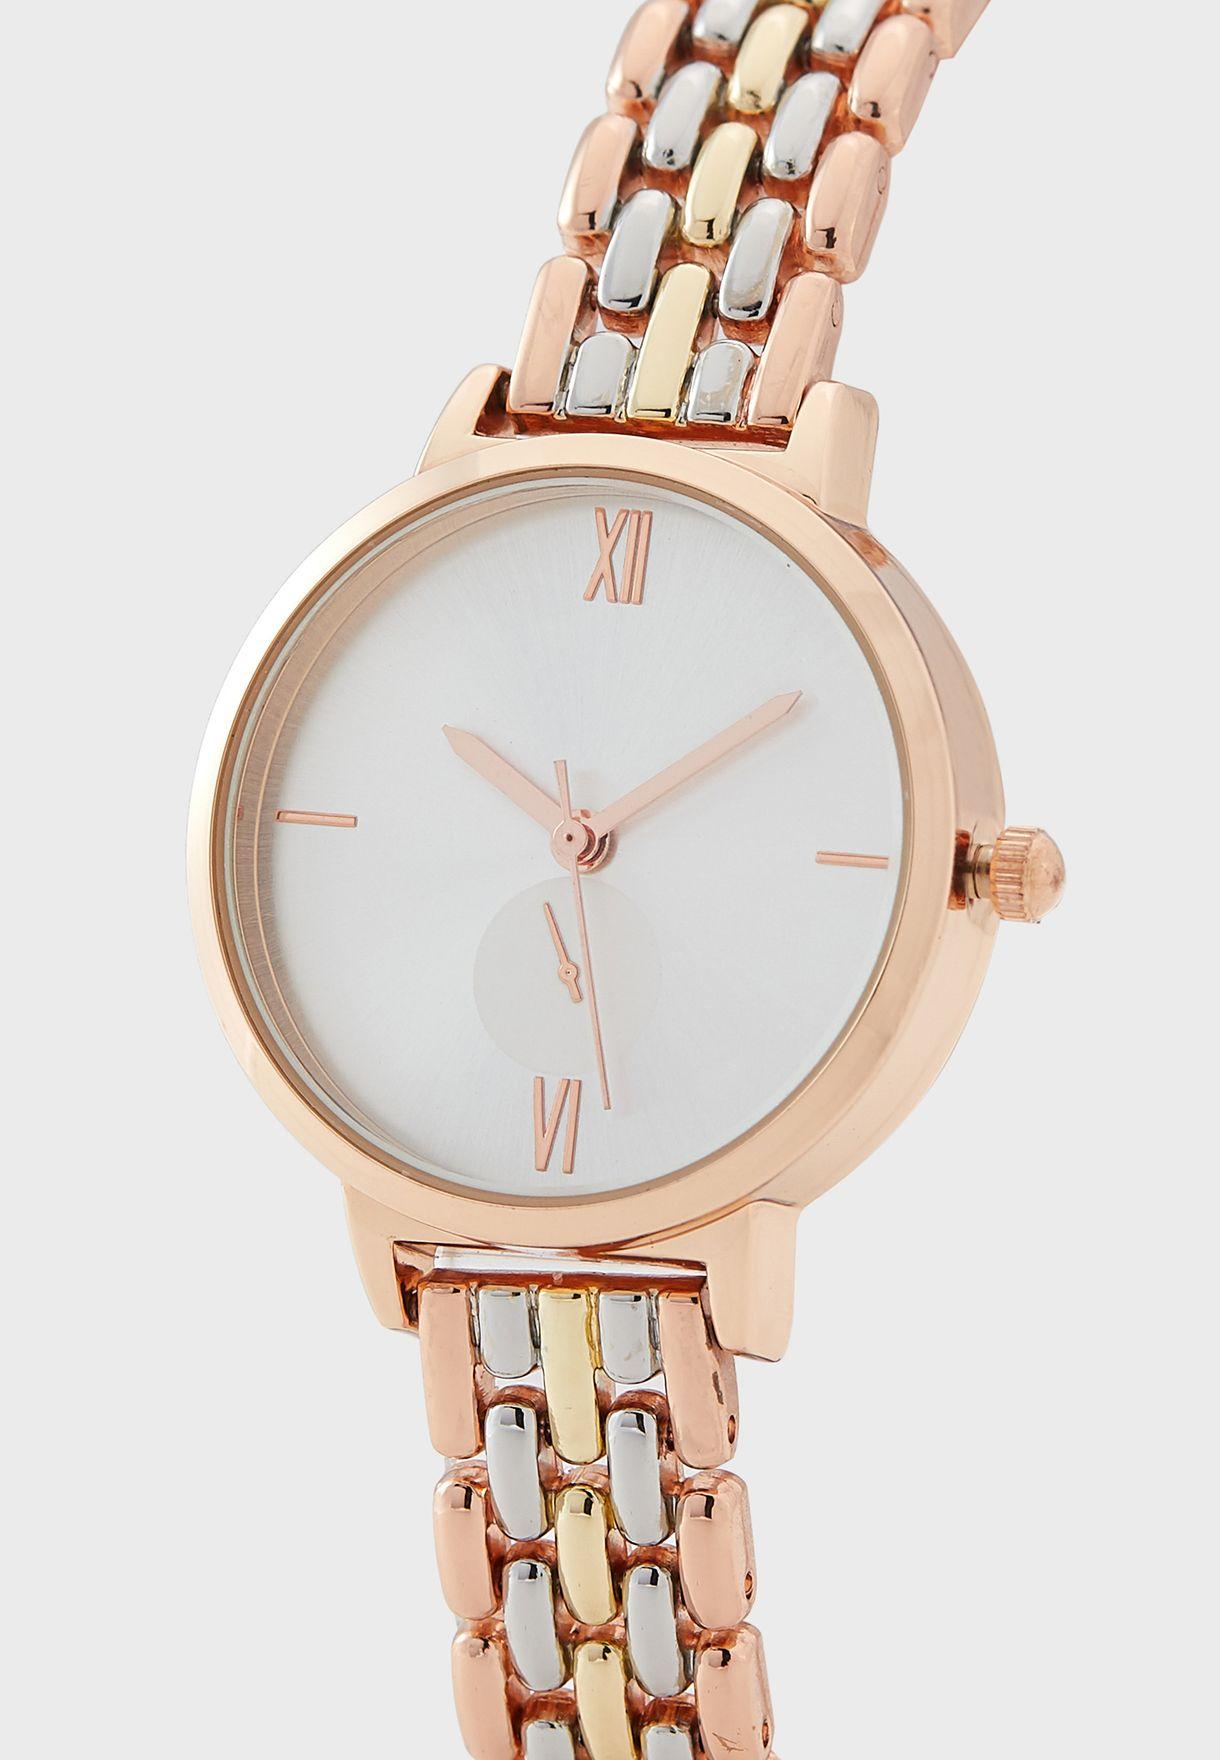 Tri Tone 5 Link Bracelet Watch